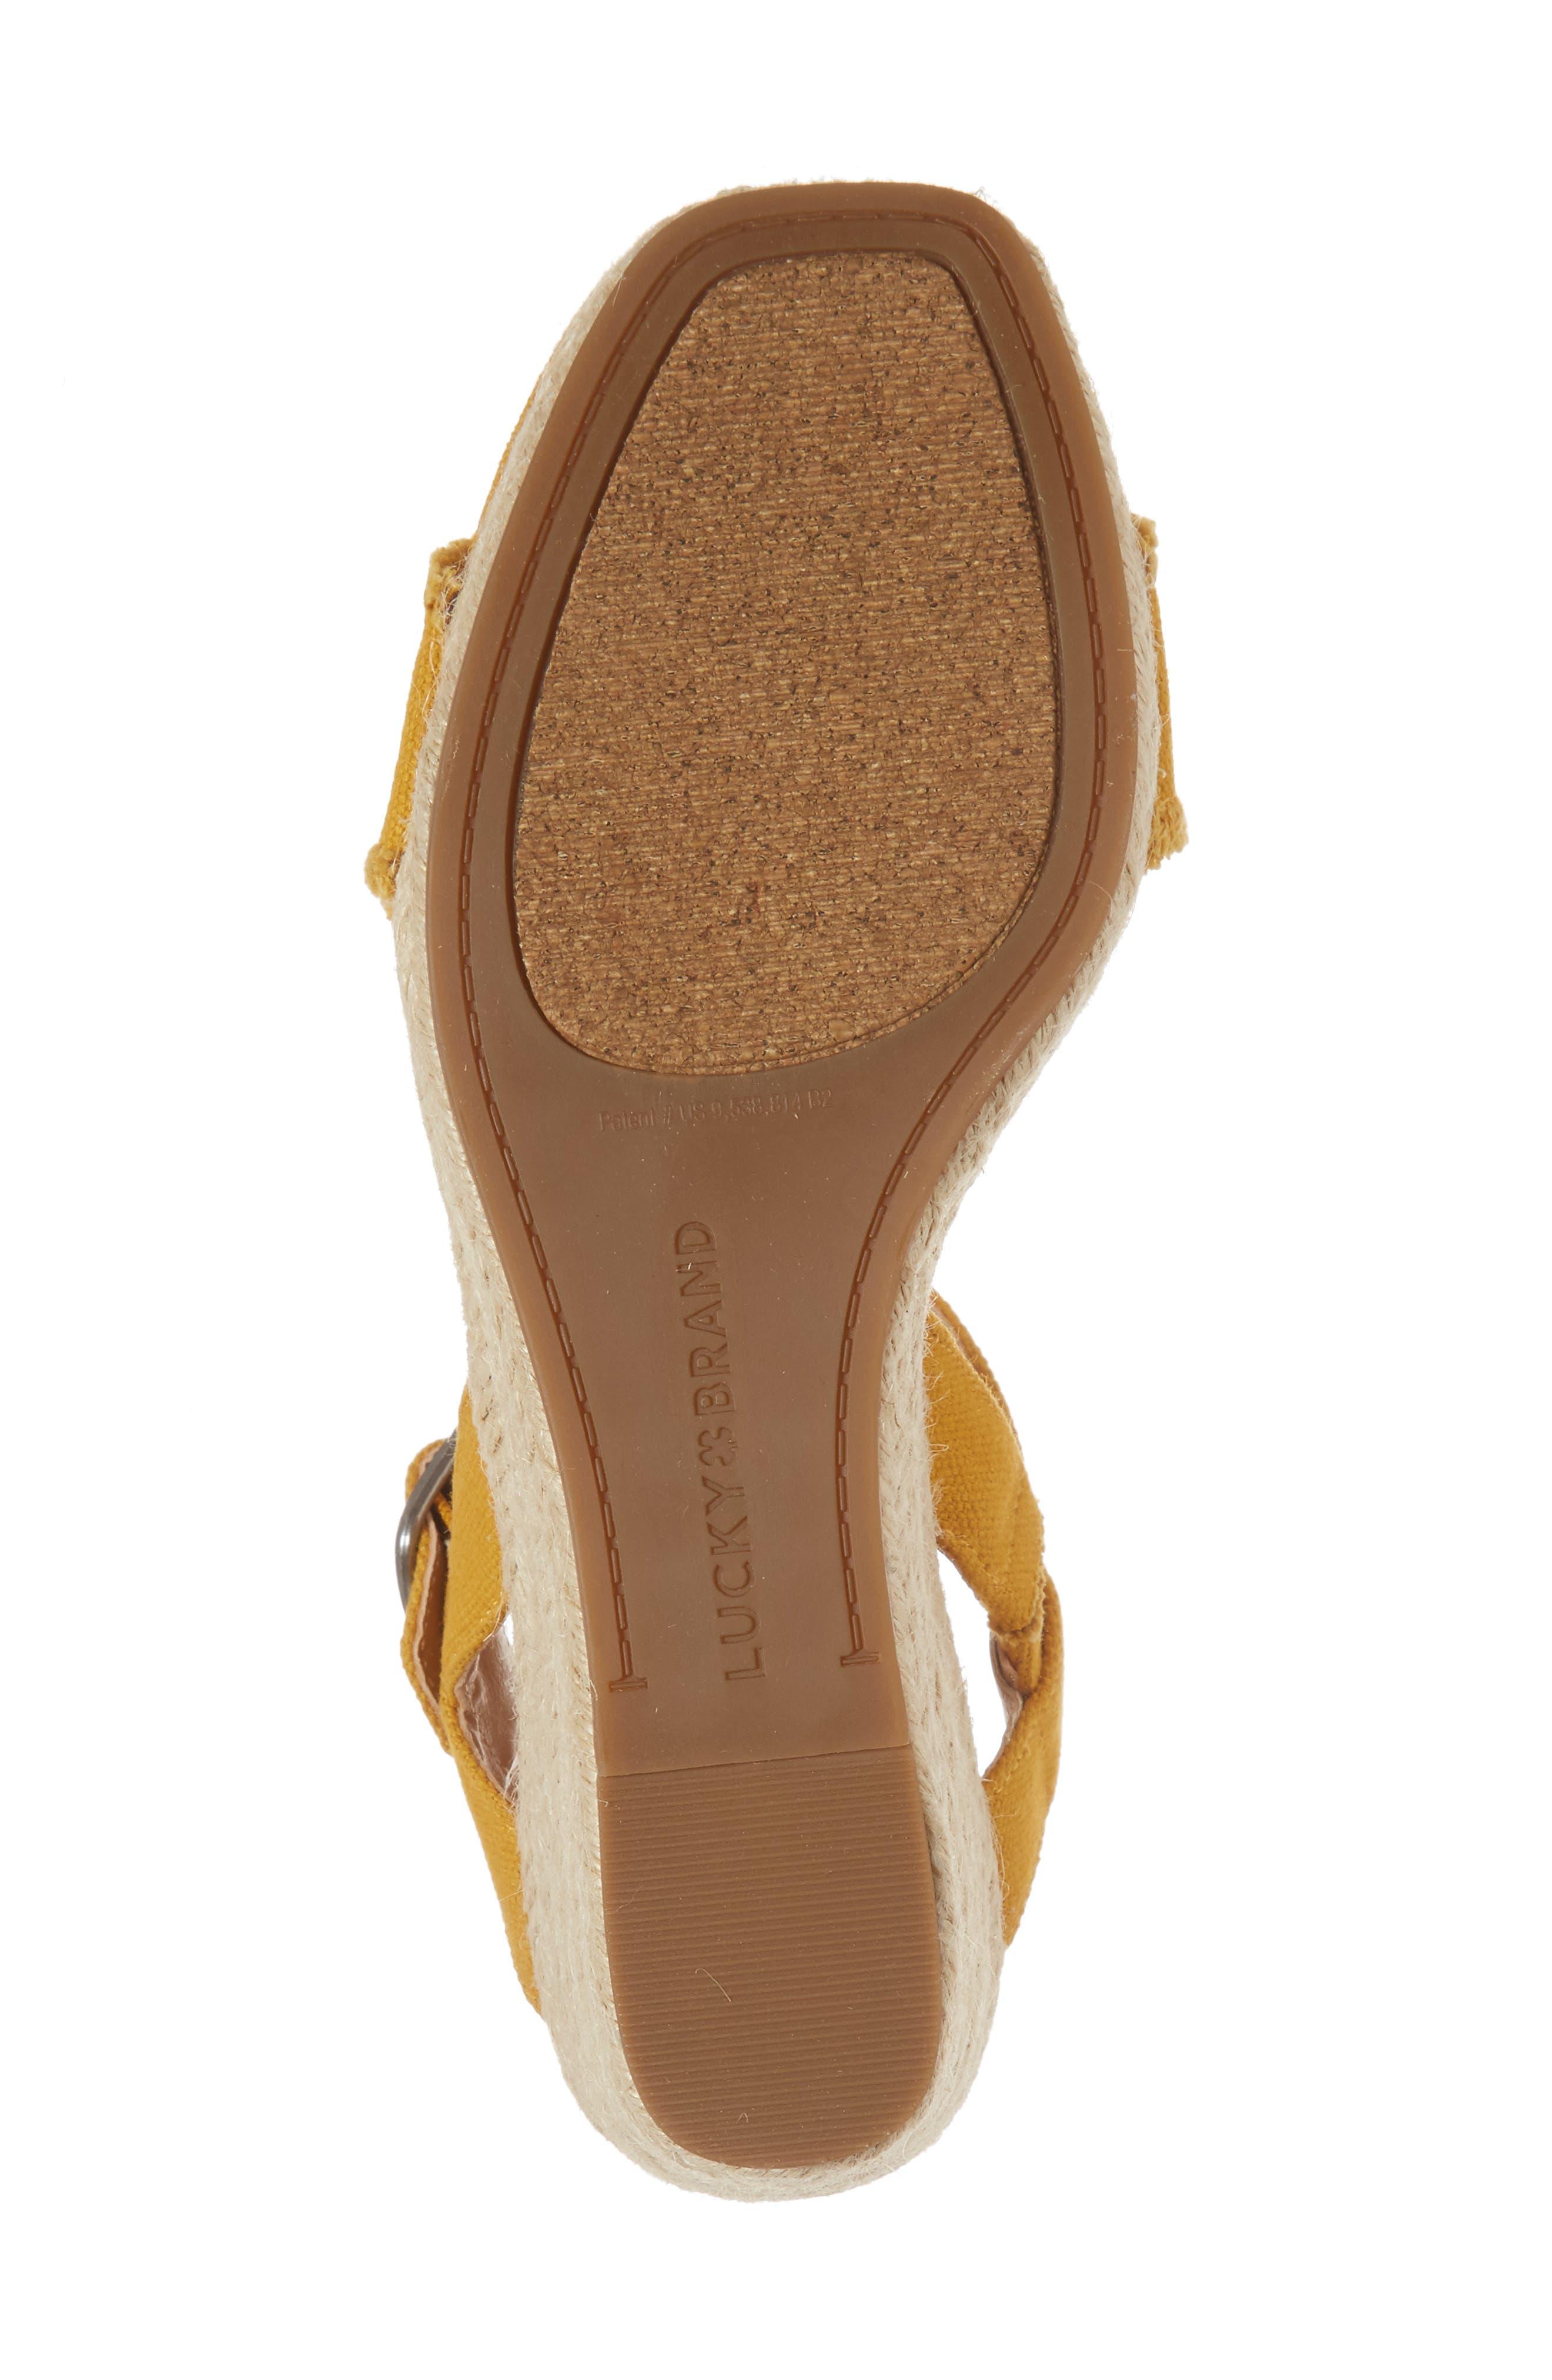 Marceline Squared Toe Wedge Sandal,                             Alternate thumbnail 41, color,